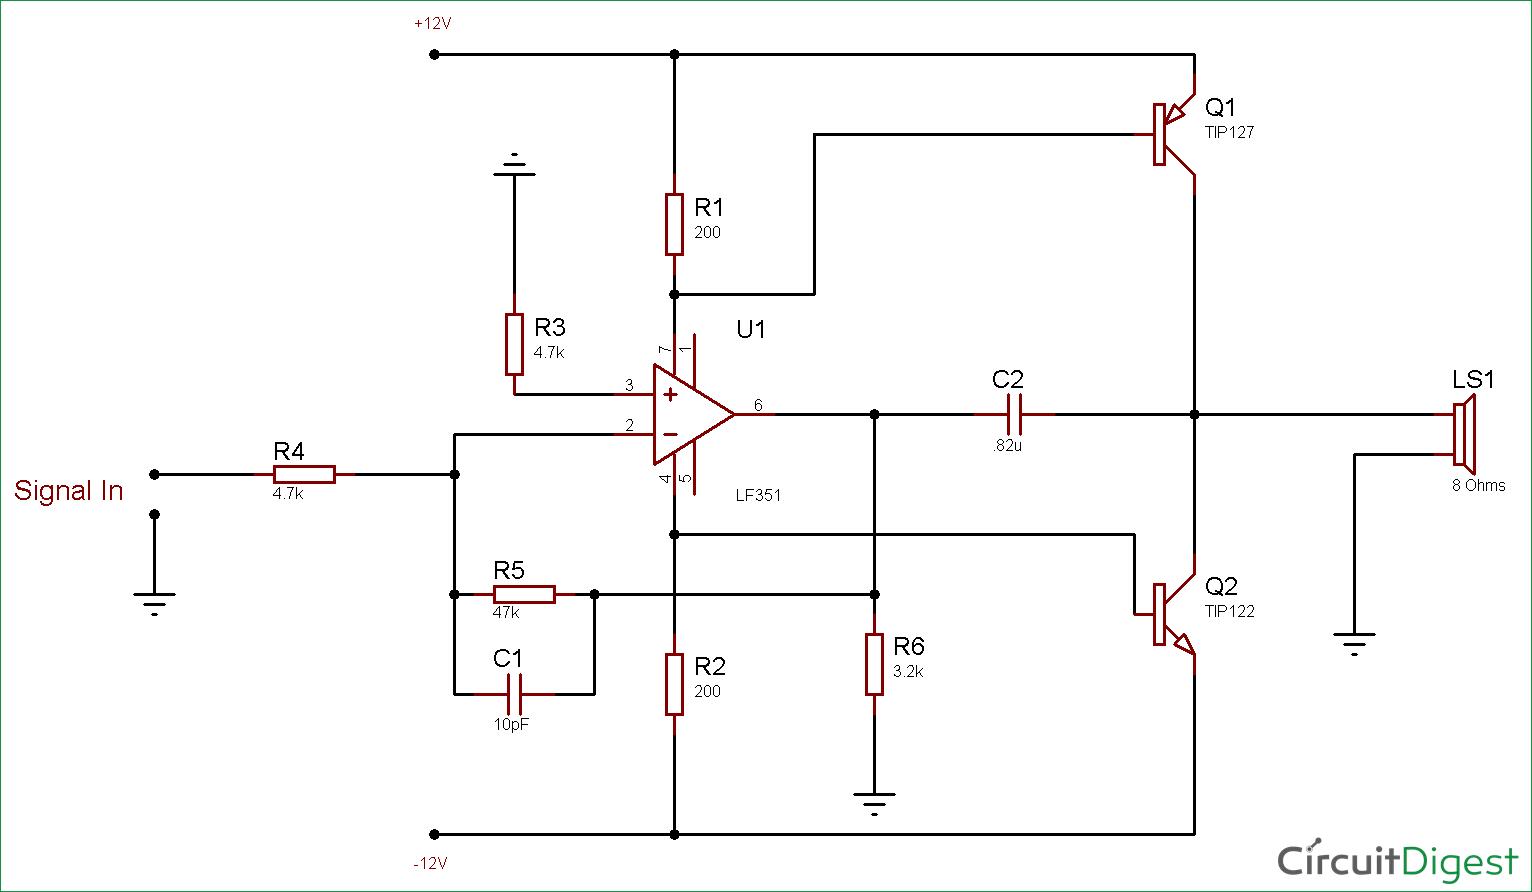 Circuit Diagram For 10 Watt Audio Amplifier Using Op